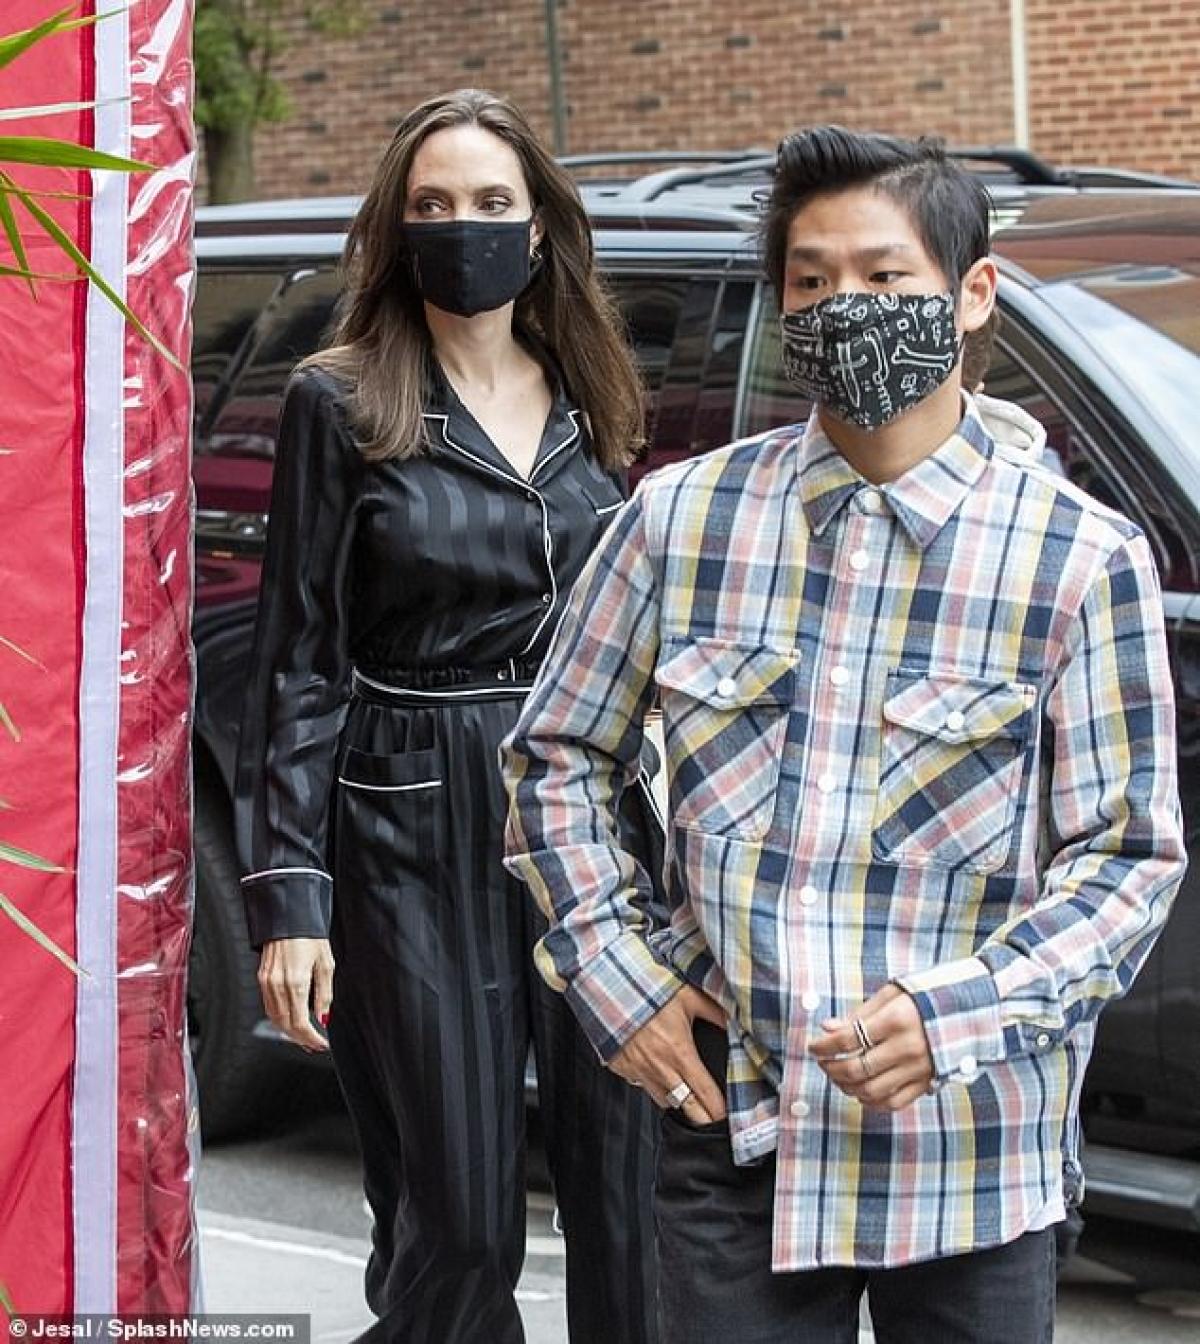 Angelina Jolie đưa hai con Pax Thiên (17 tuổi) và Knox (12 tuổi) đi ăn trưa tại một nhà hàng ở New York ngày 20/6.